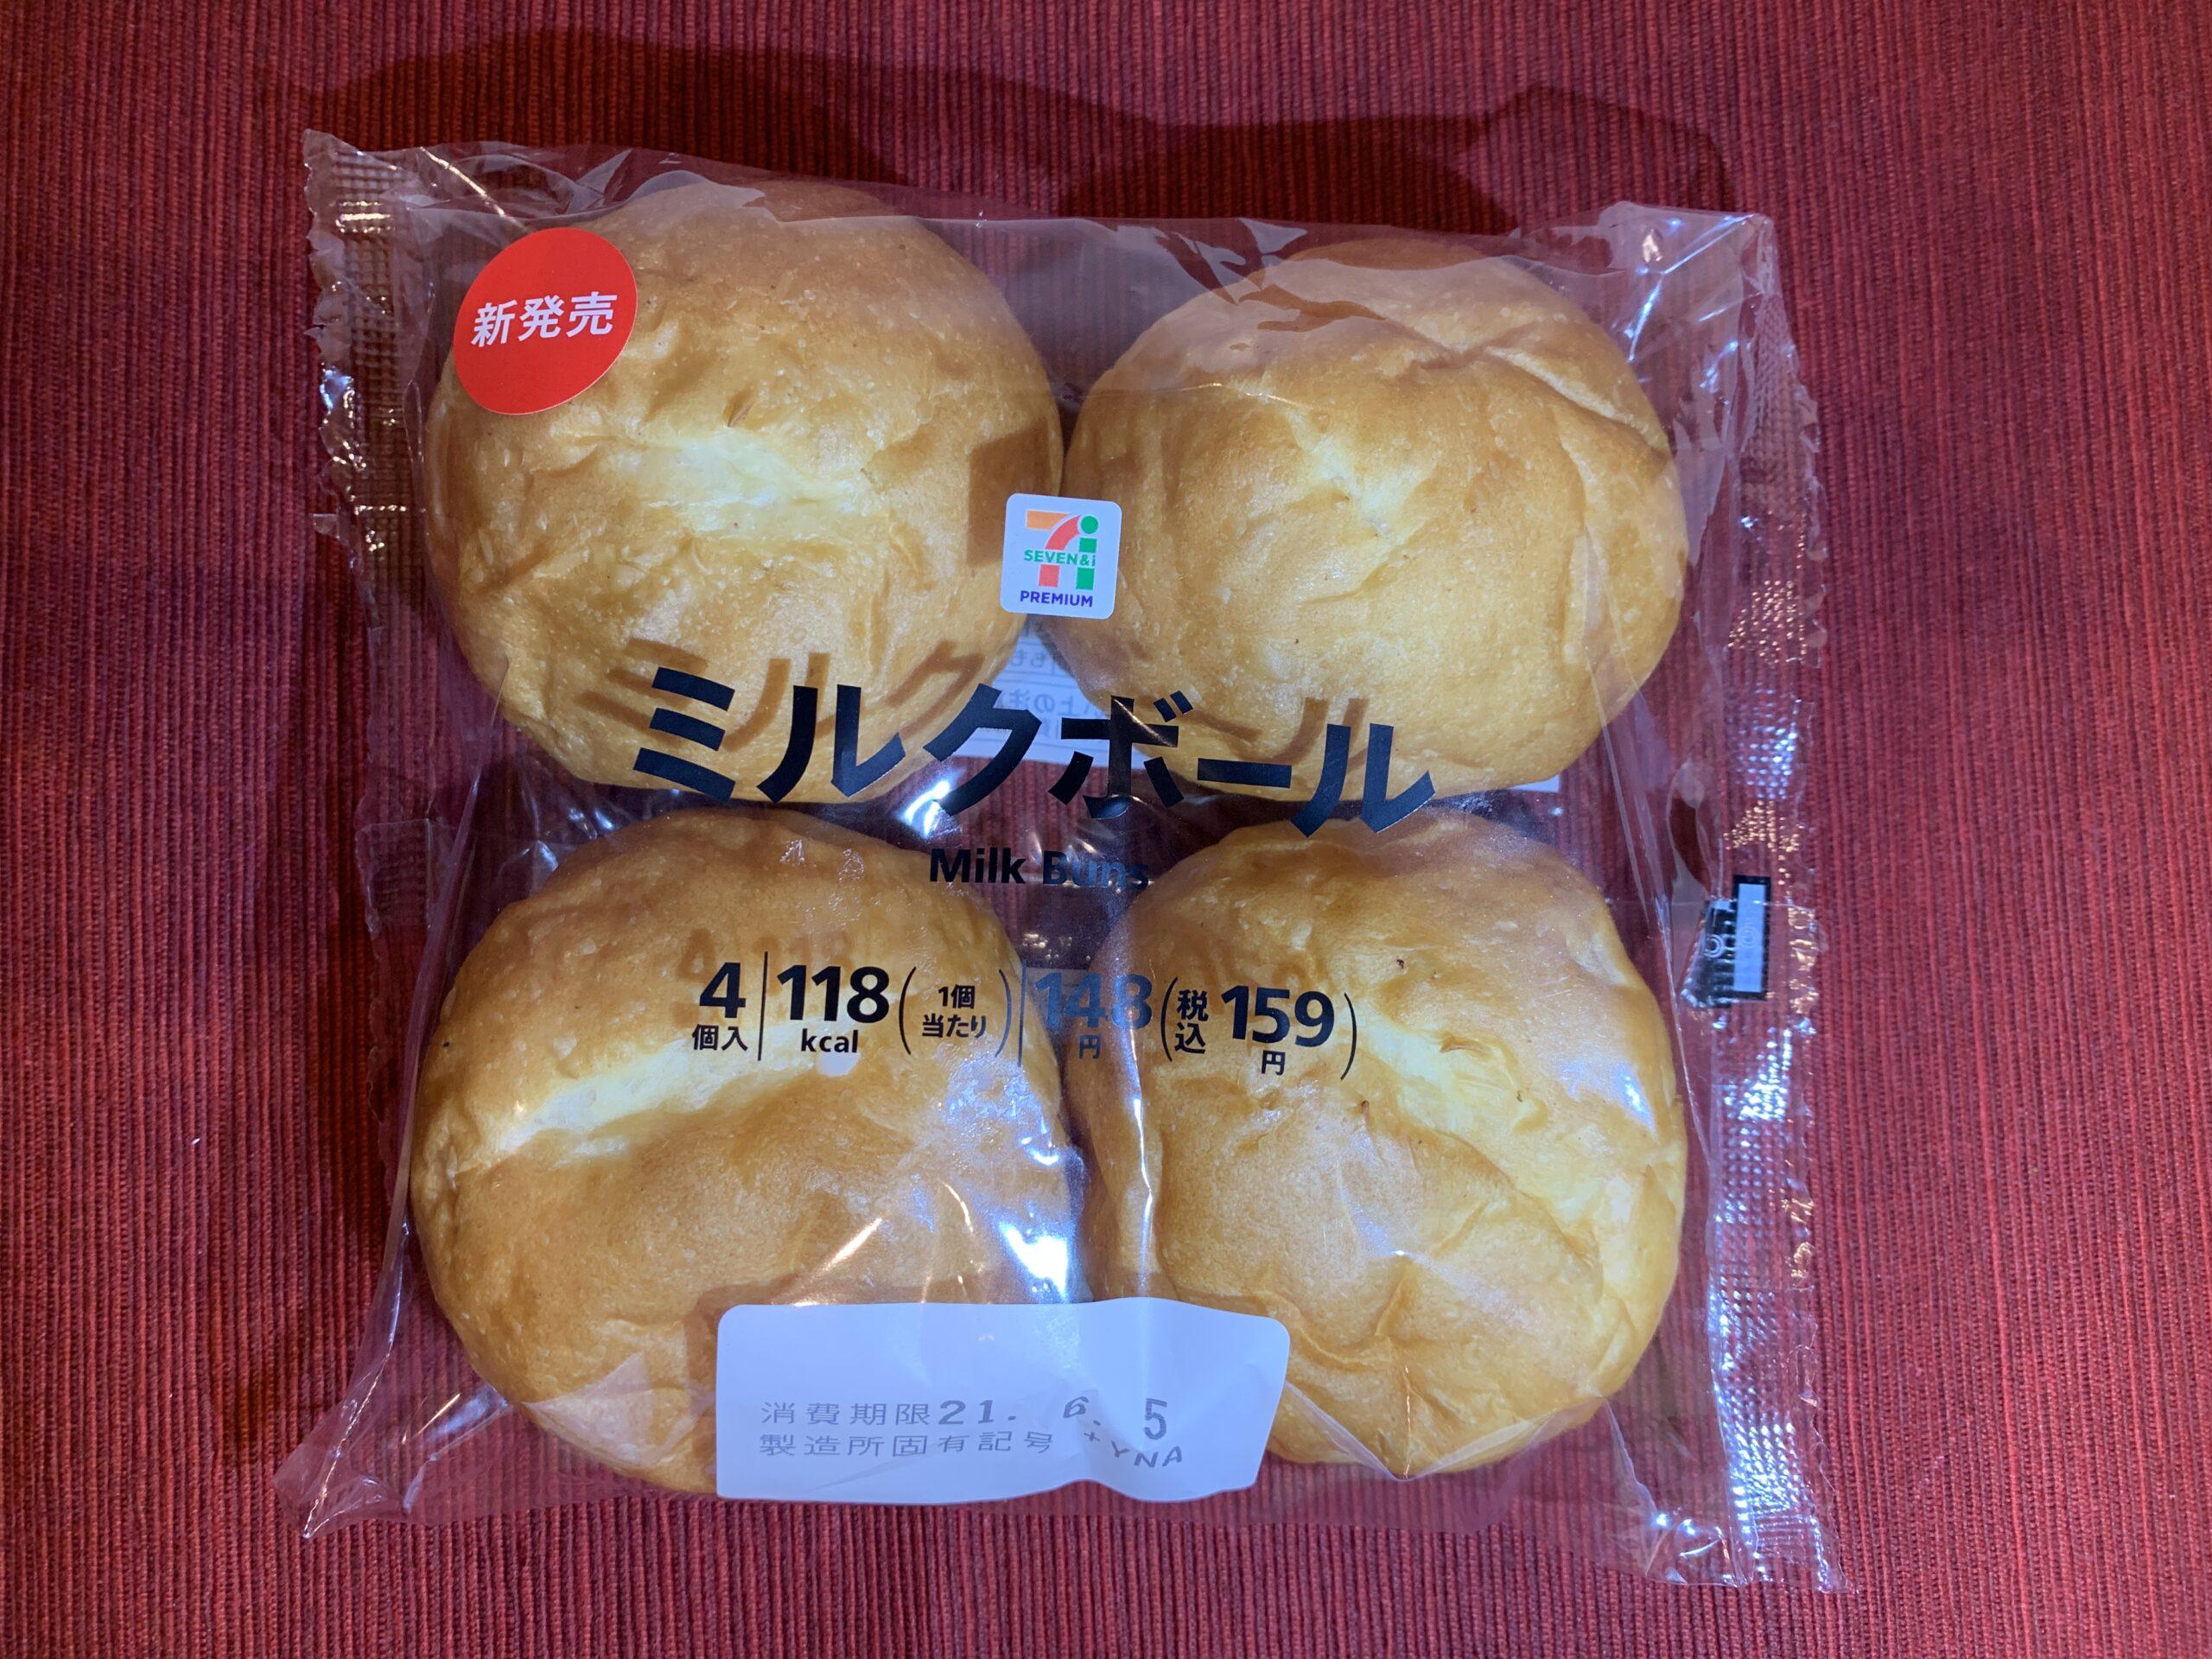 セブンの新発売パン:ミルクボールの値段やカロリーは?